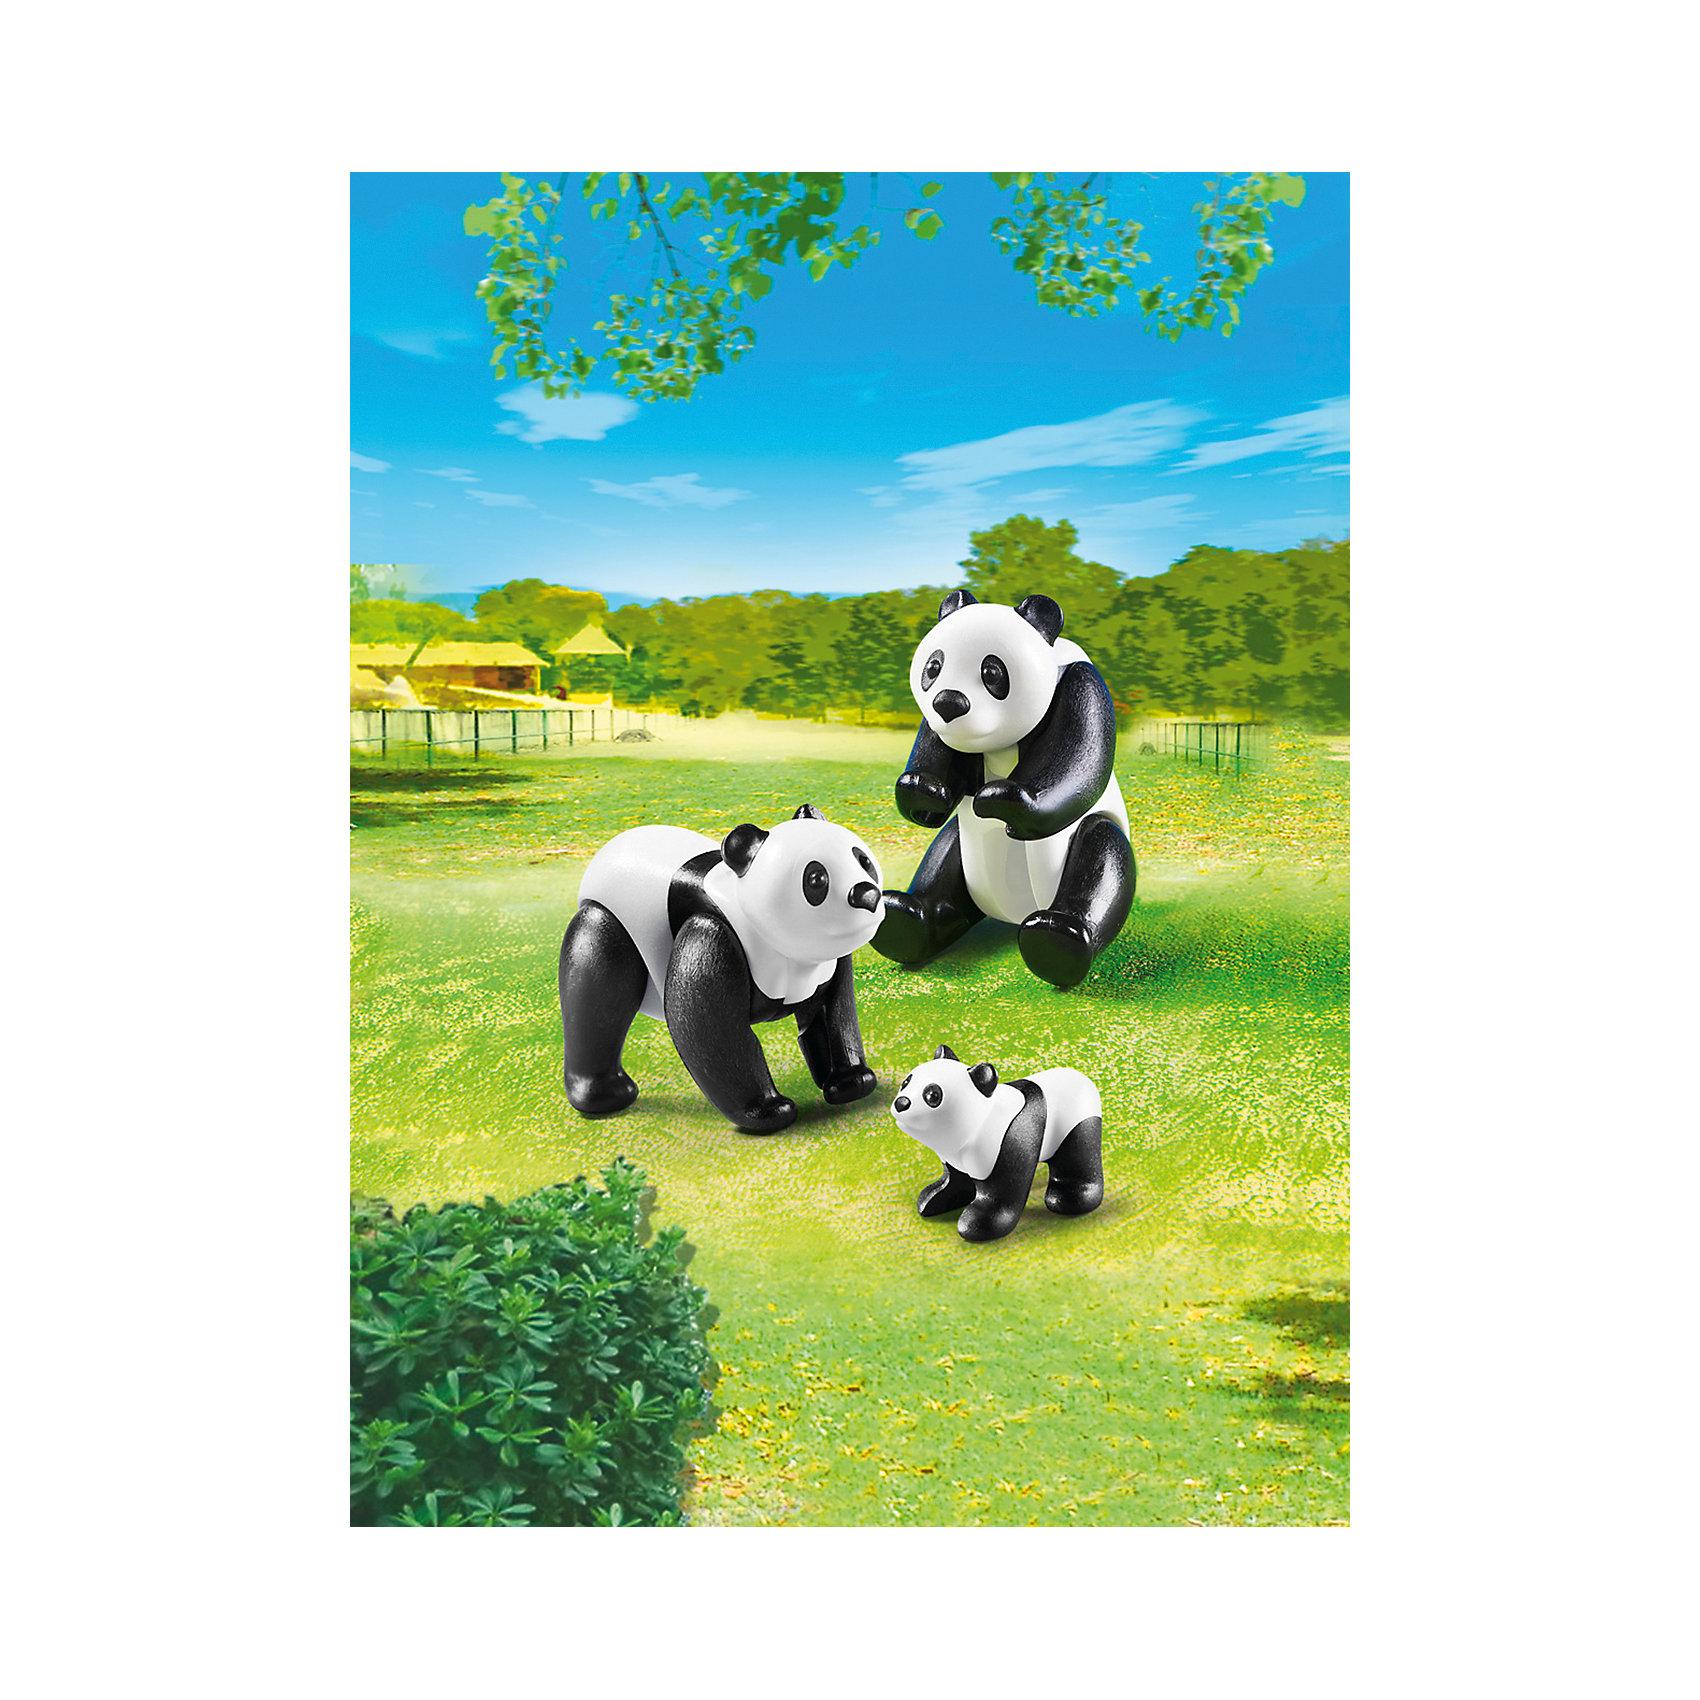 PLAYMOBIL® Зоопарк: Семья Панд, PLAYMOBIL playmobil® зоопарк семья тигров playmobil